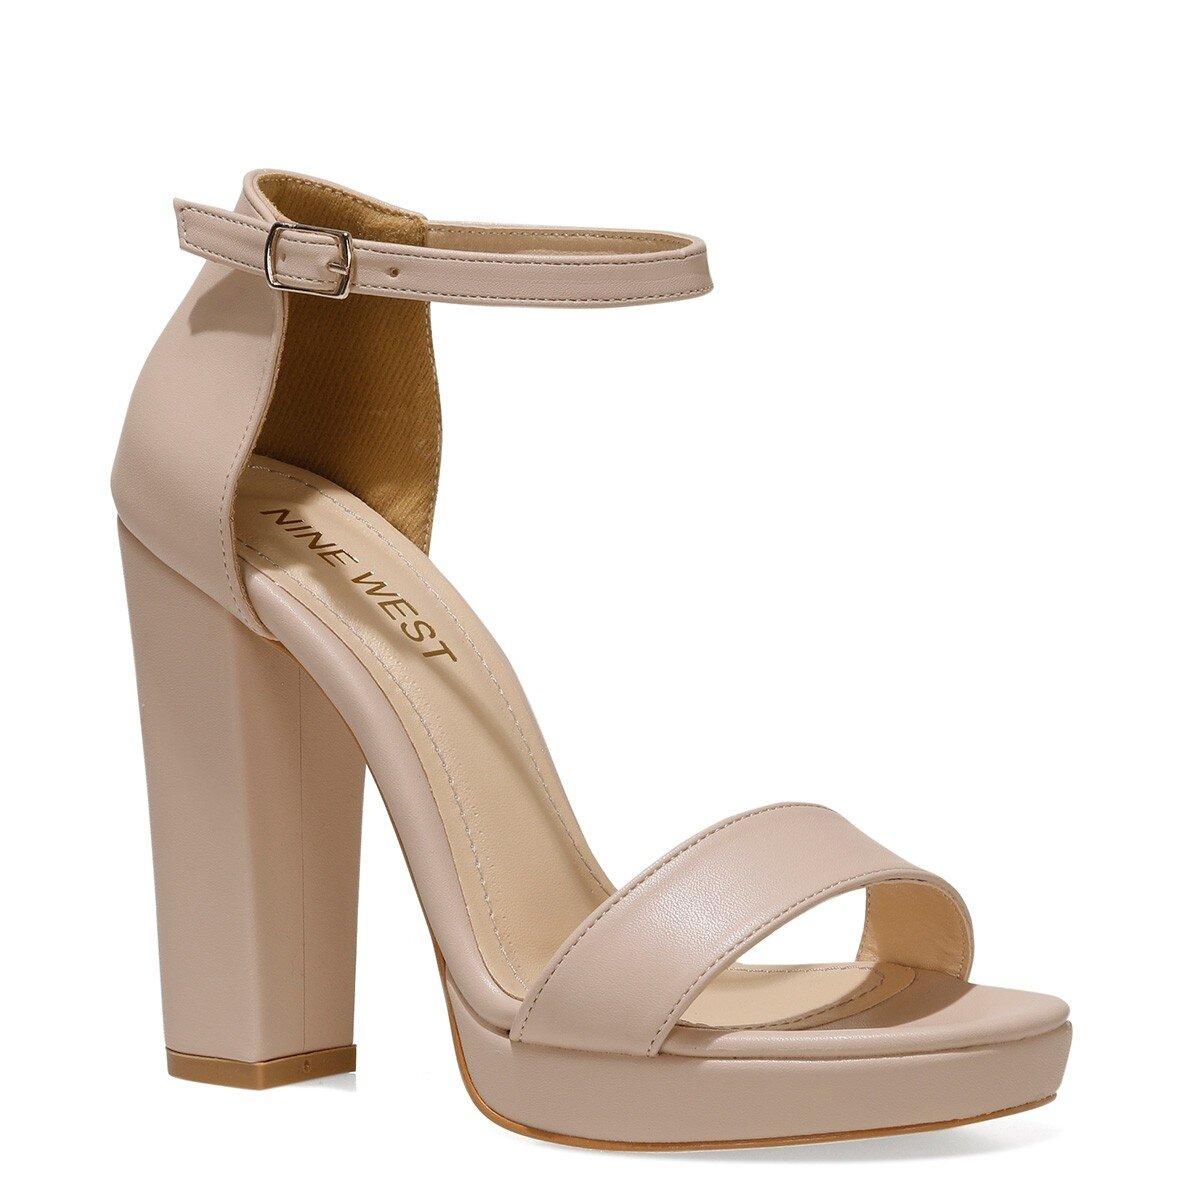 SILEMDA 1FX Pudra Kadın Topuklu Ayakkabı